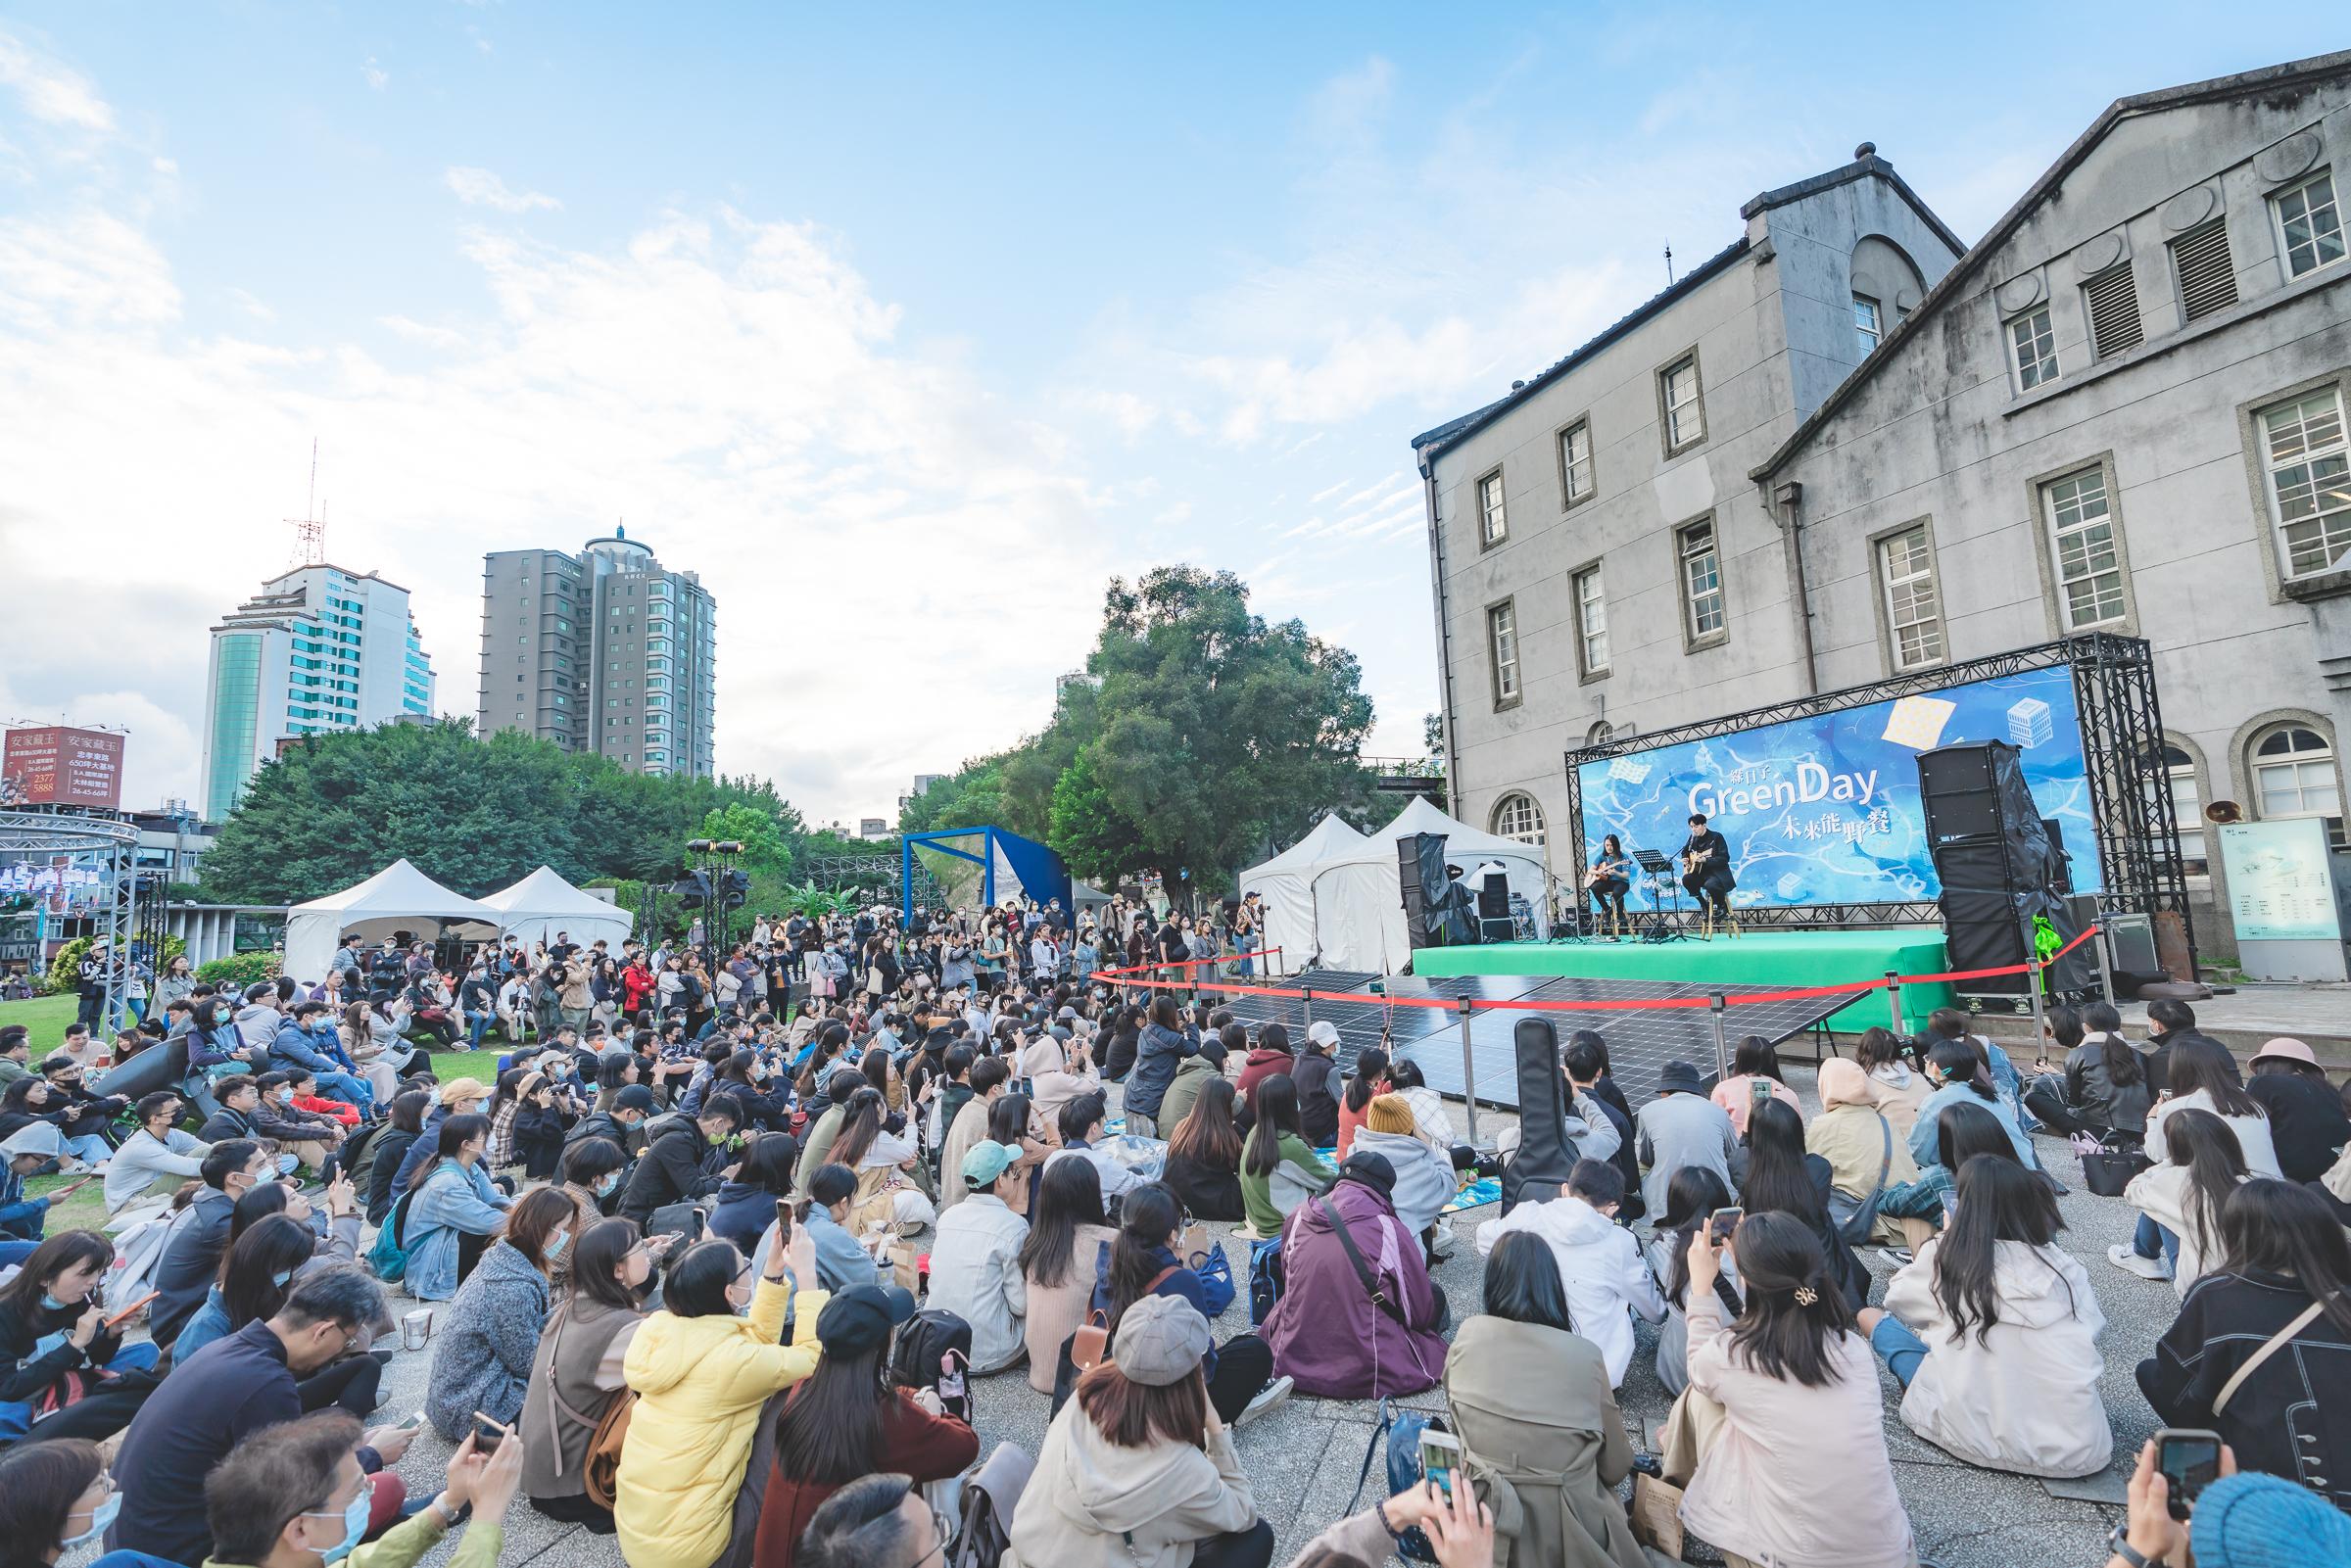 2020年11月28、29日,綠色和平在華山文創園區舉辦「Green Day綠.日子」活動,今年首次以氣候變遷做為溝通主題。